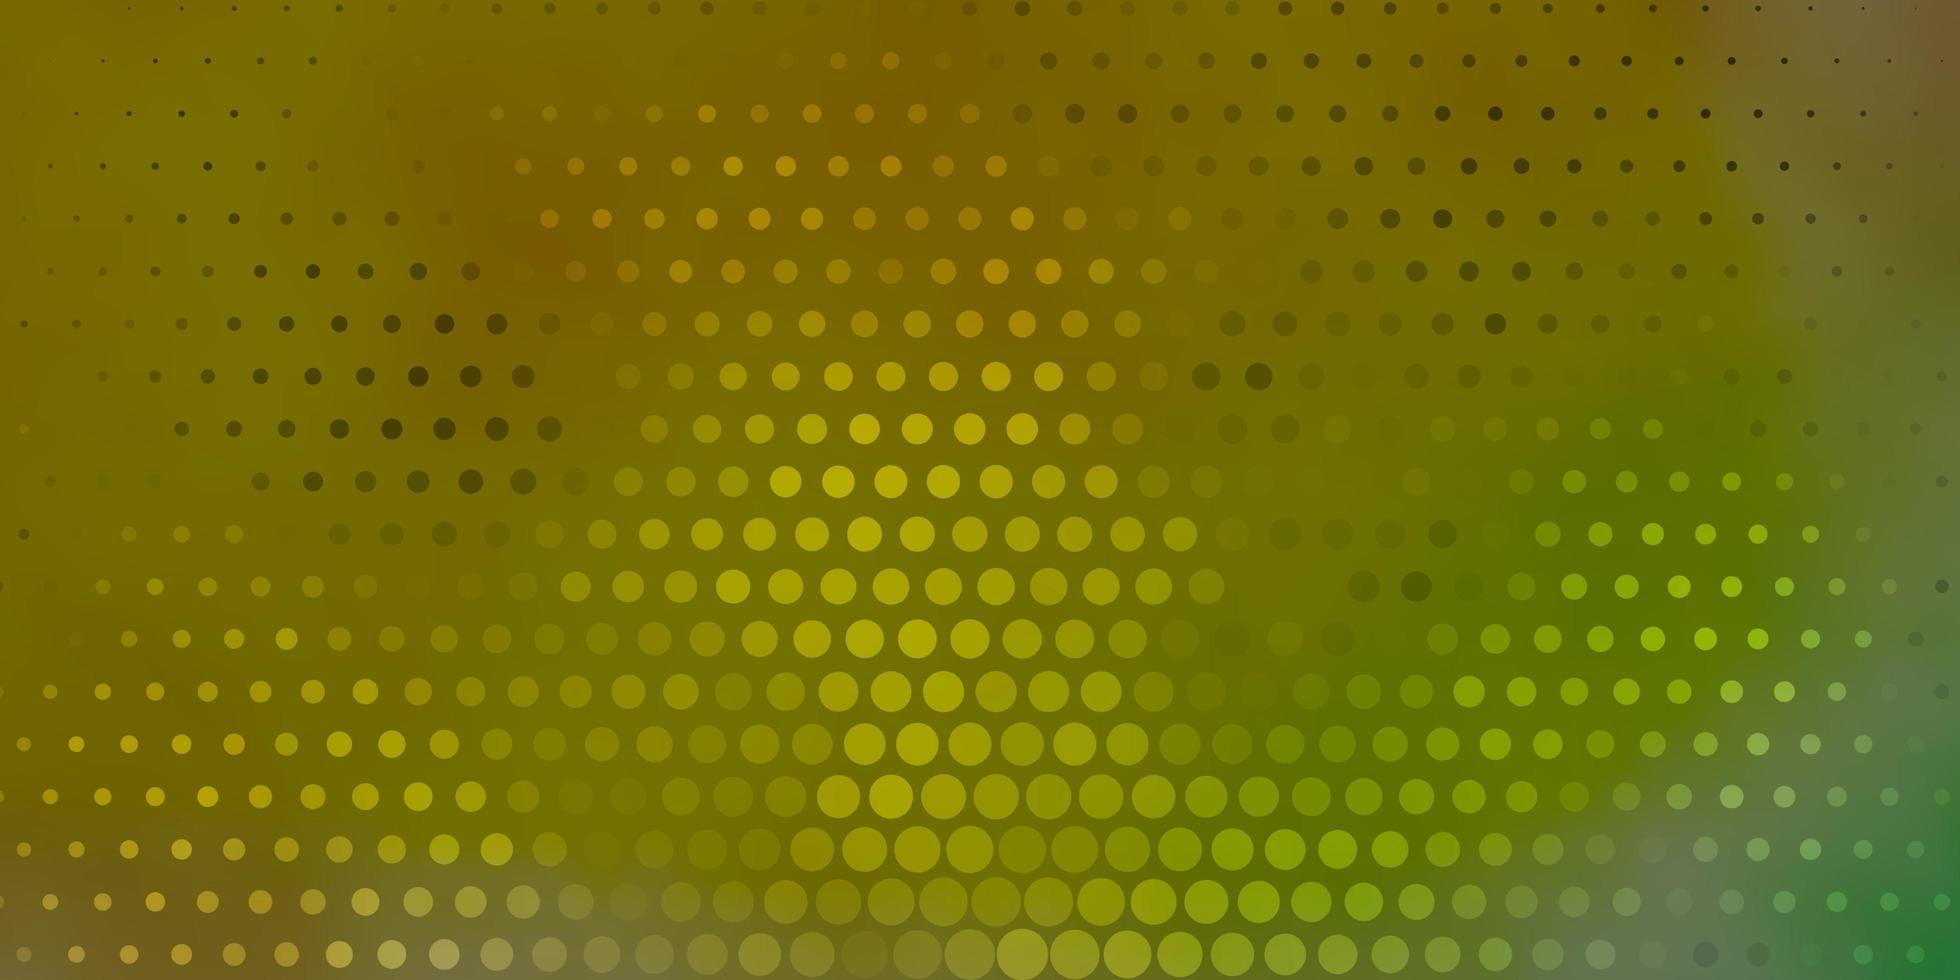 hellgrüner, roter Vektorhintergrund mit Flecken. vektor